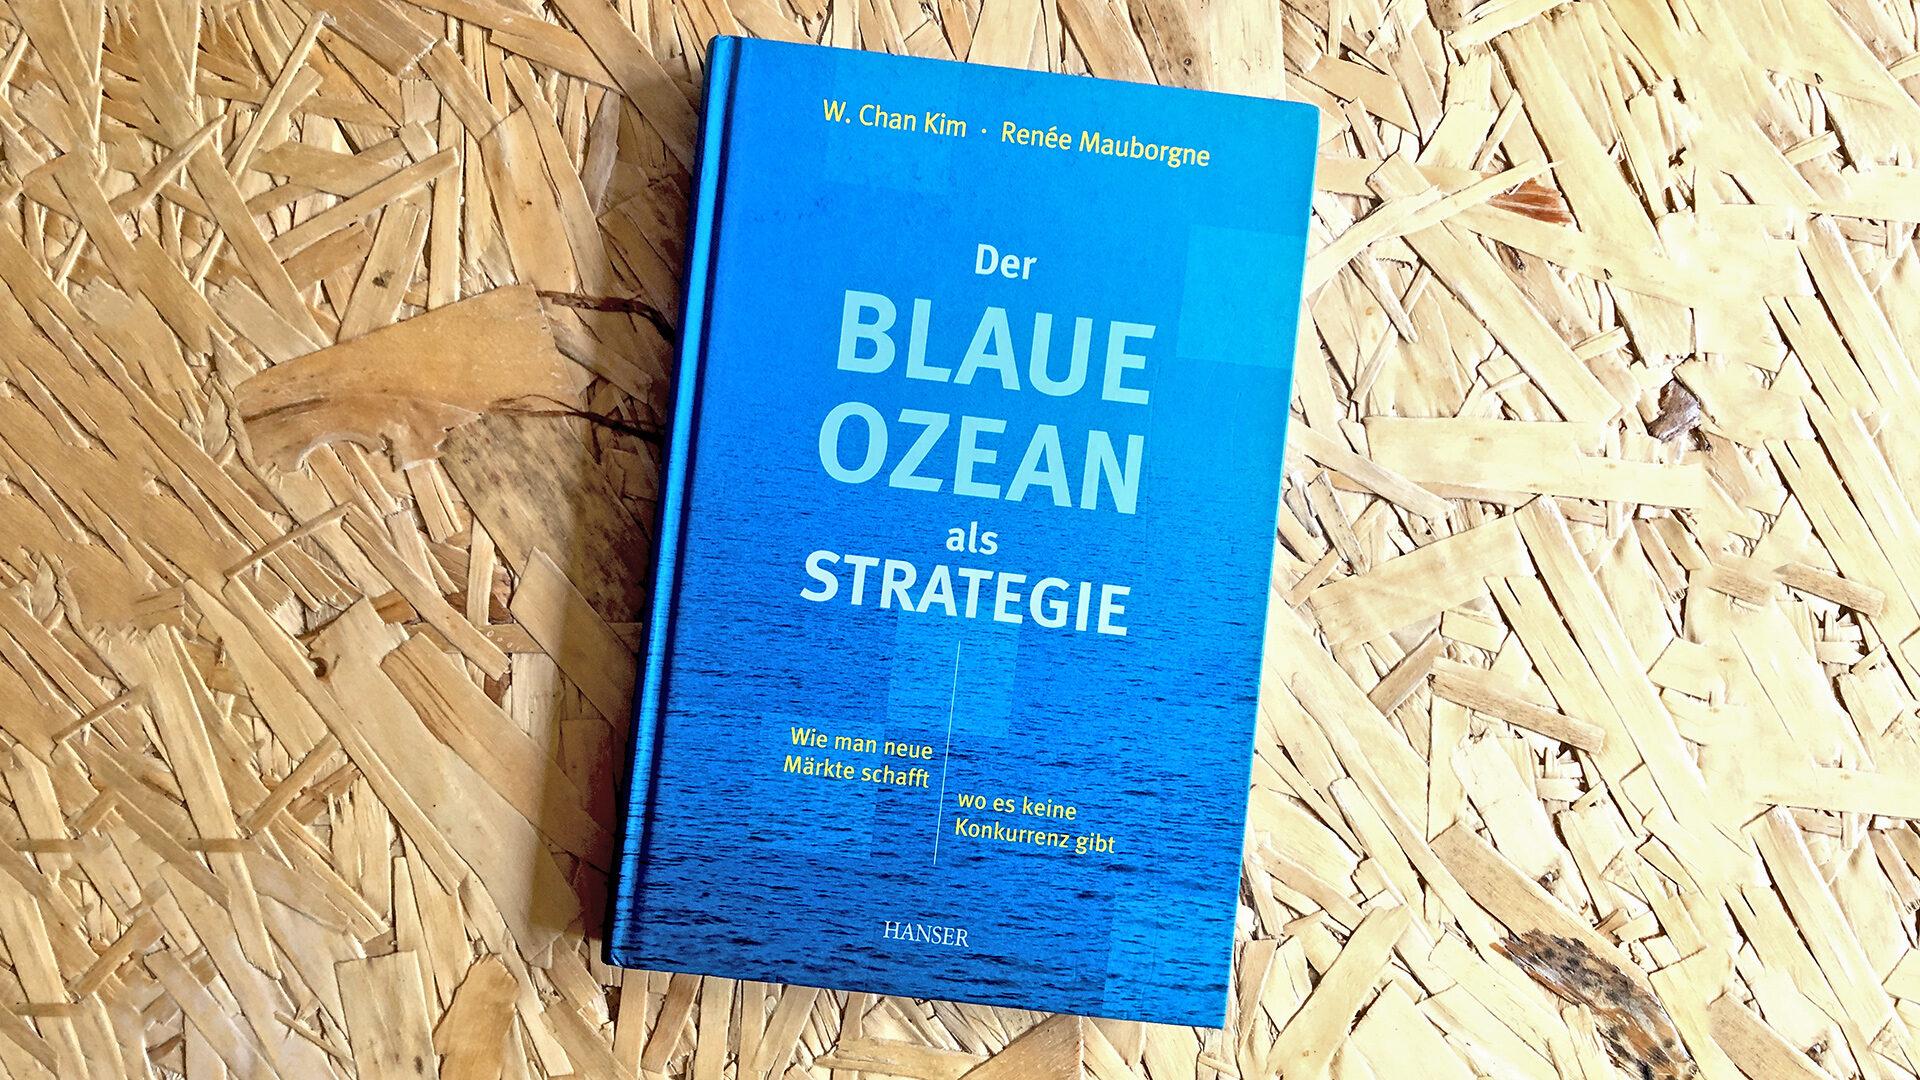 Der Blaue Ozean als Strategie: Wie man neue Märkte schafft, wo es keine Konkurrenz gibt.